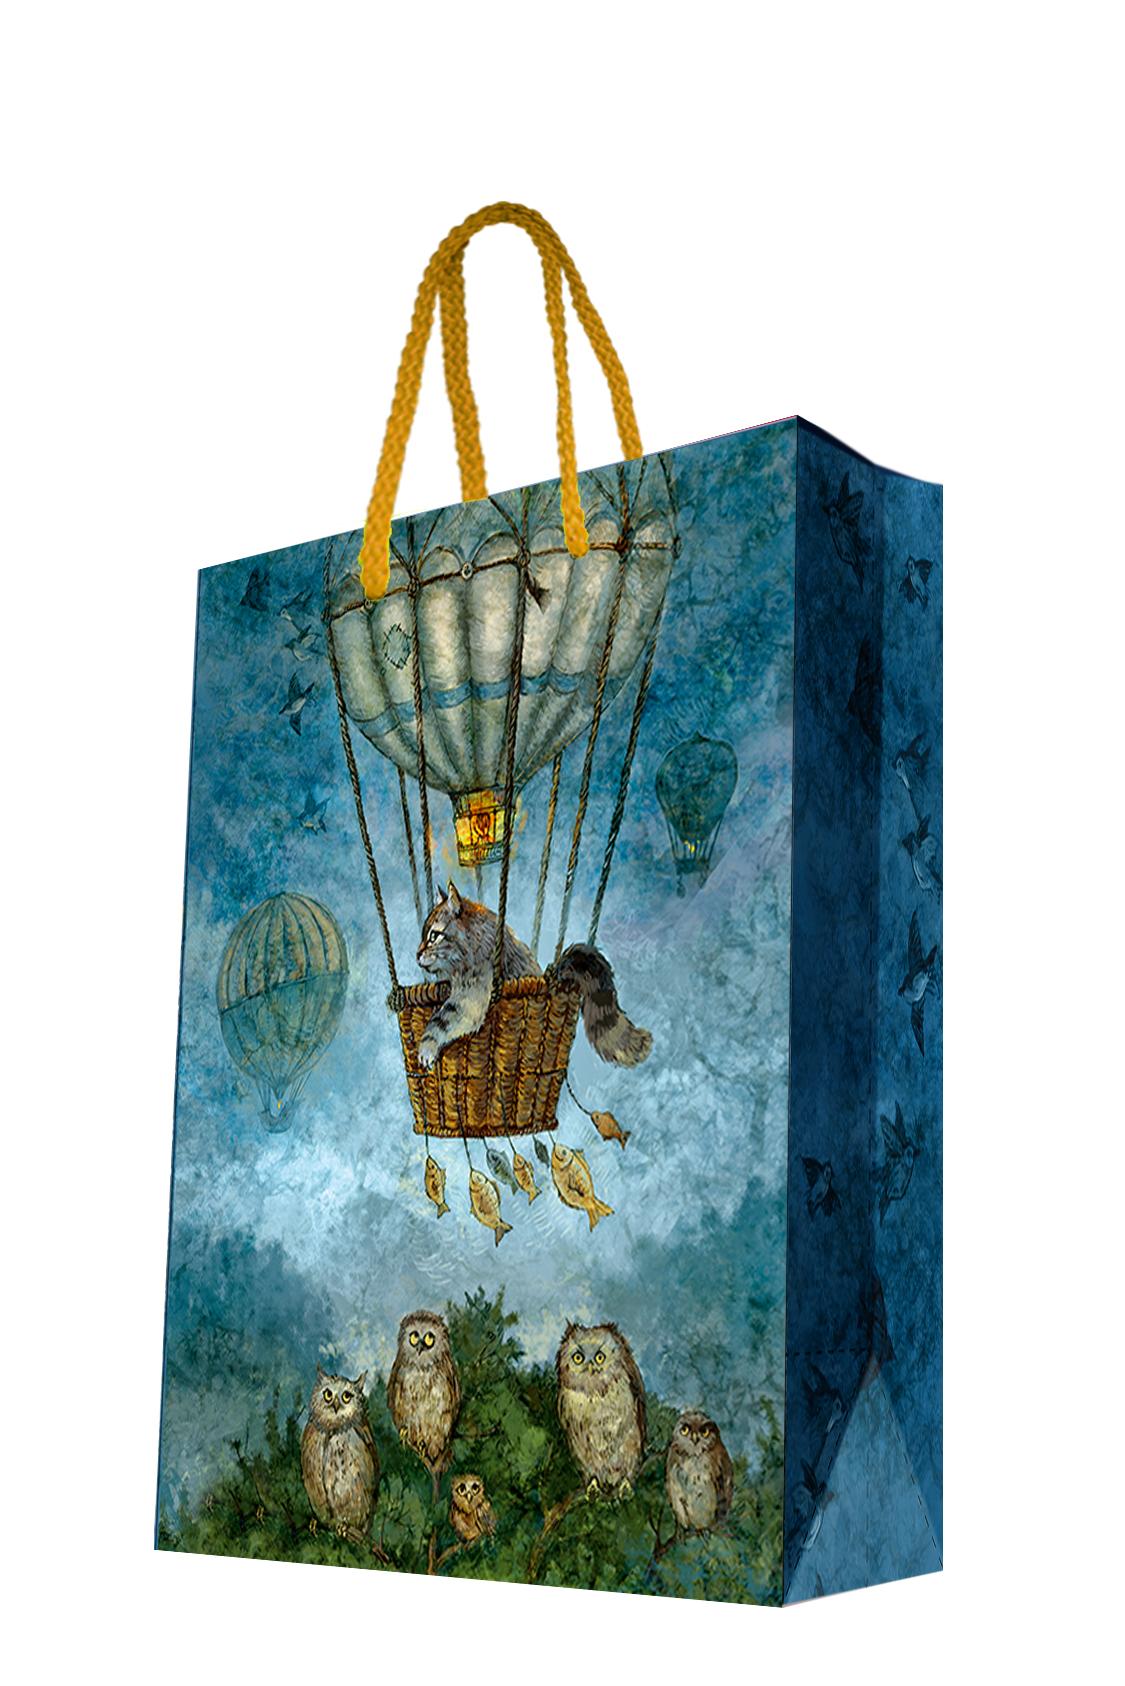 Пакет подарочный Magic Home Кот на воздушном шаре, 17,8 х 22,9 х 9,8 см44239Бумажный подарочный пакет для сувенирной продукции размером 17,8*22,9*9,8 см изготовлен из плотной бумаги. Плотность бумаги 140г/м2. Дно укреплено картоном, который позволяет сохранить форму пакета и исключает возможность деформации дна под тяжестью подарка. Пакет выполнен с глянцевой ламинацией, что придает ему прочность, а изображению - фактуру, яркость и насыщенность цветов. Для удобной переноски имеются две ручки из шнурков.